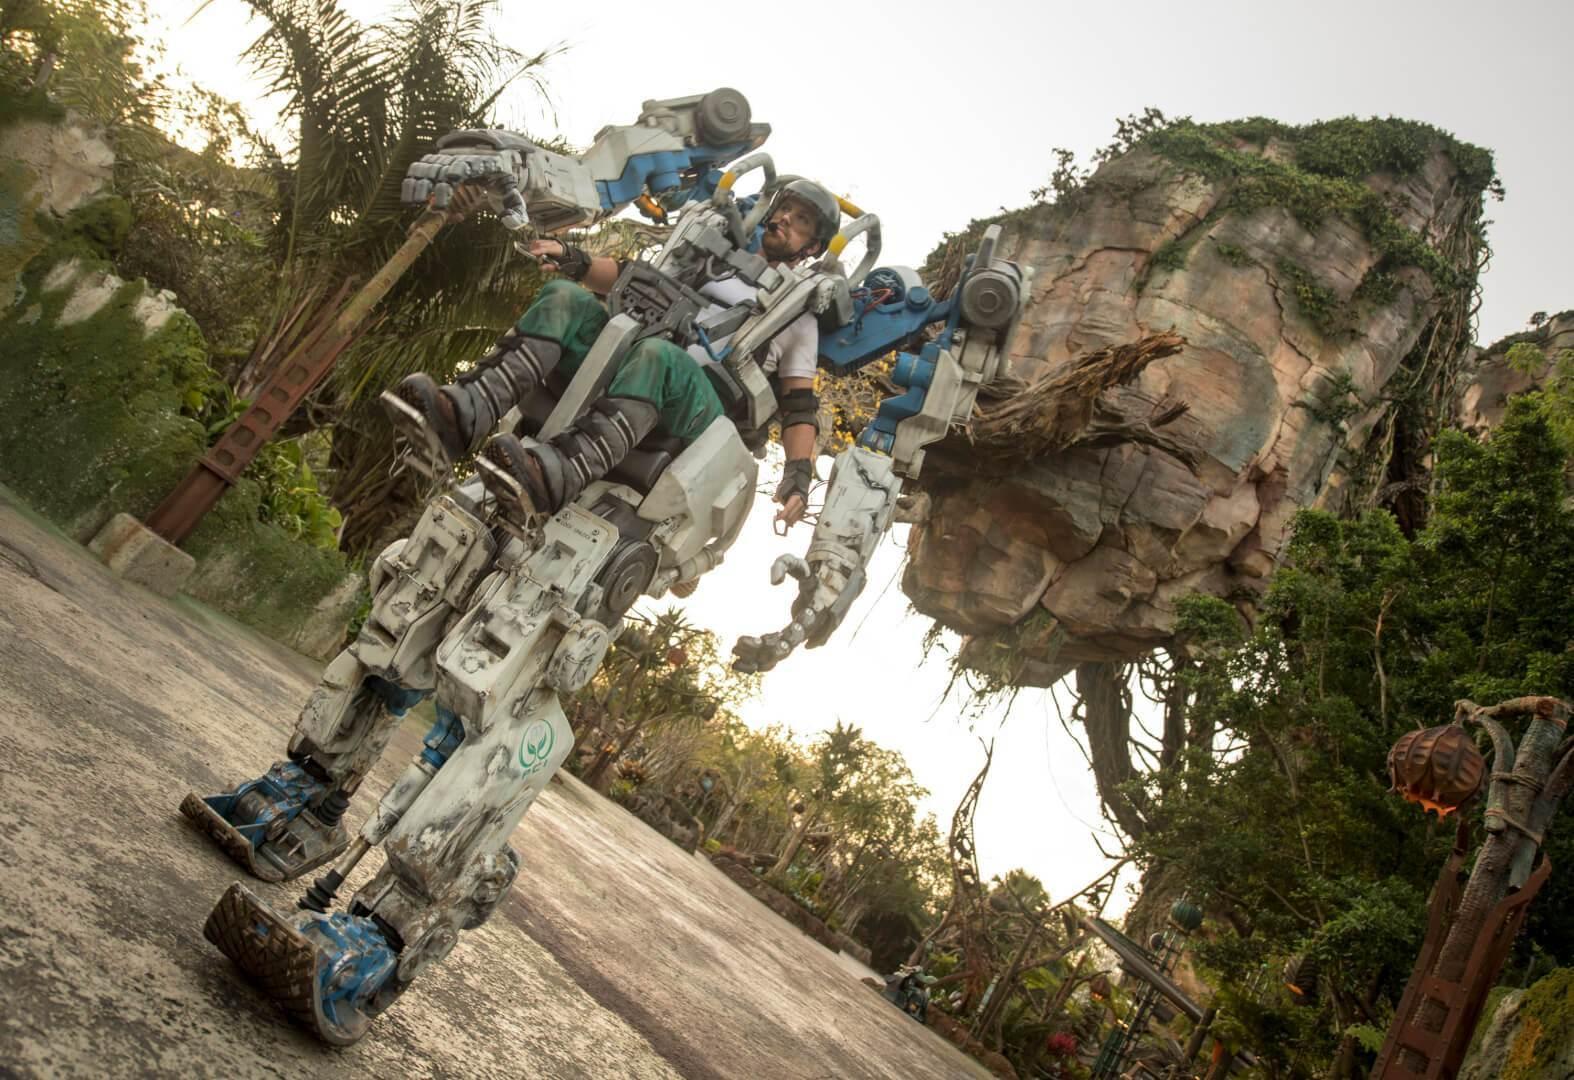 Avatar: Pokračování se budou odehrávat kompletně na Pandoře | Fandíme filmu